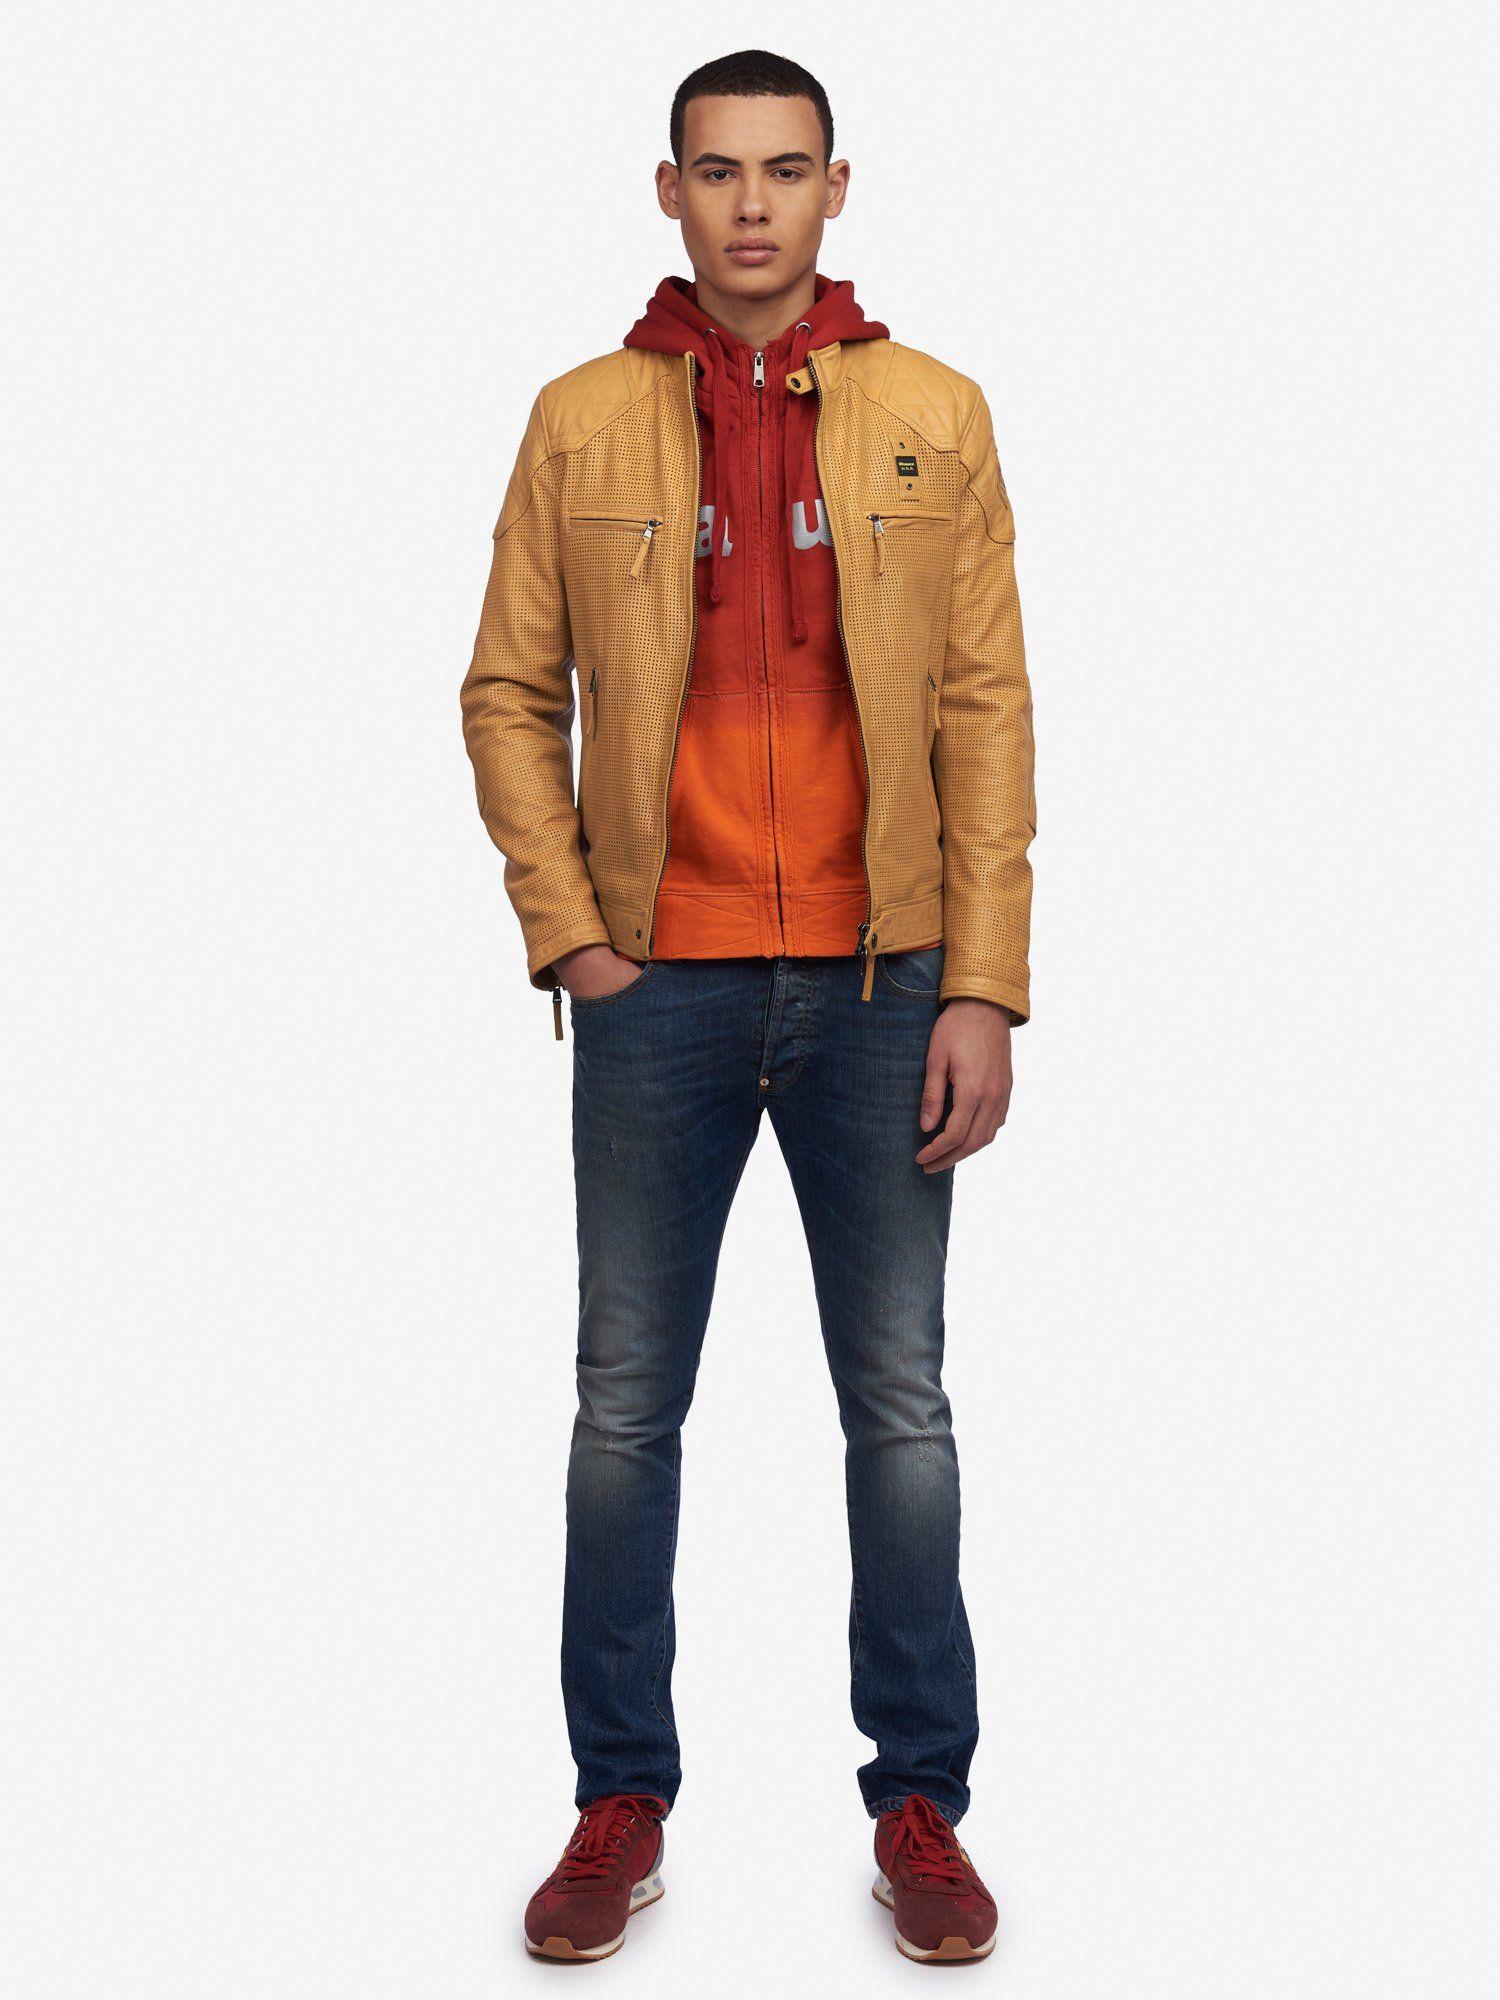 Mens Blauer Leather Jacket Shop Online Blauer USA